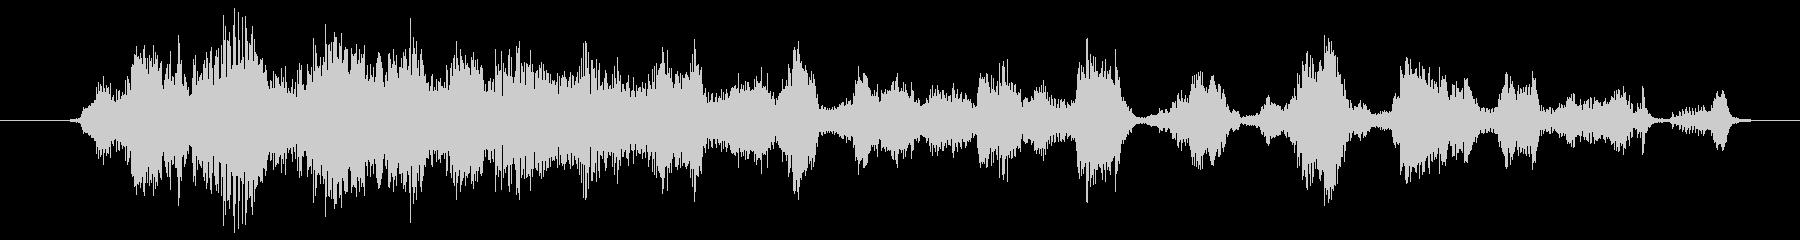 客席の爆笑・大勢の笑い声[stereo]の未再生の波形